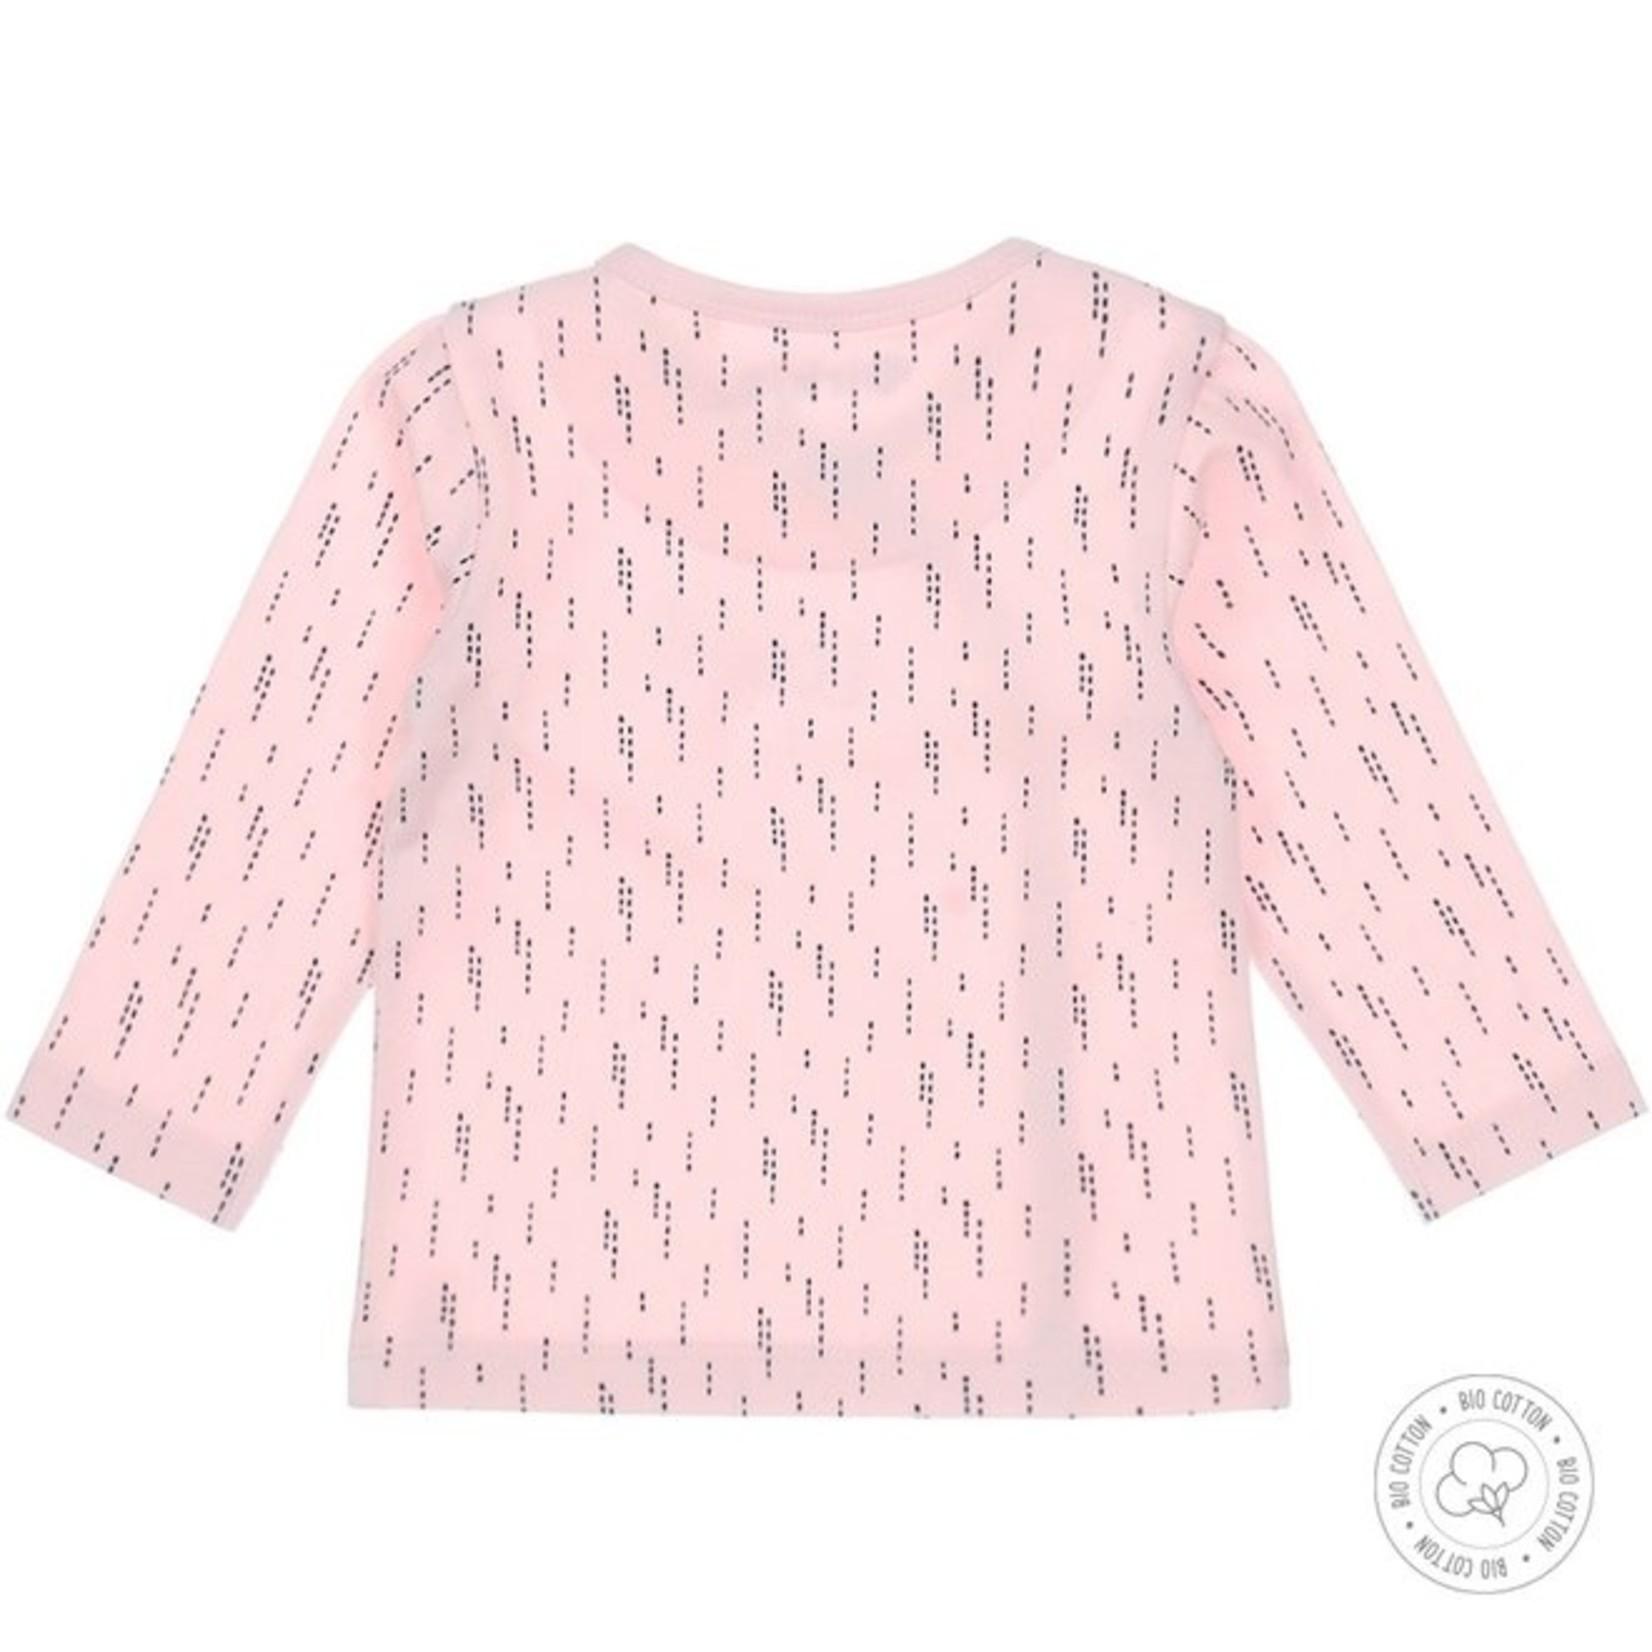 Dirkje Meisjes babyshirt roze met navy print